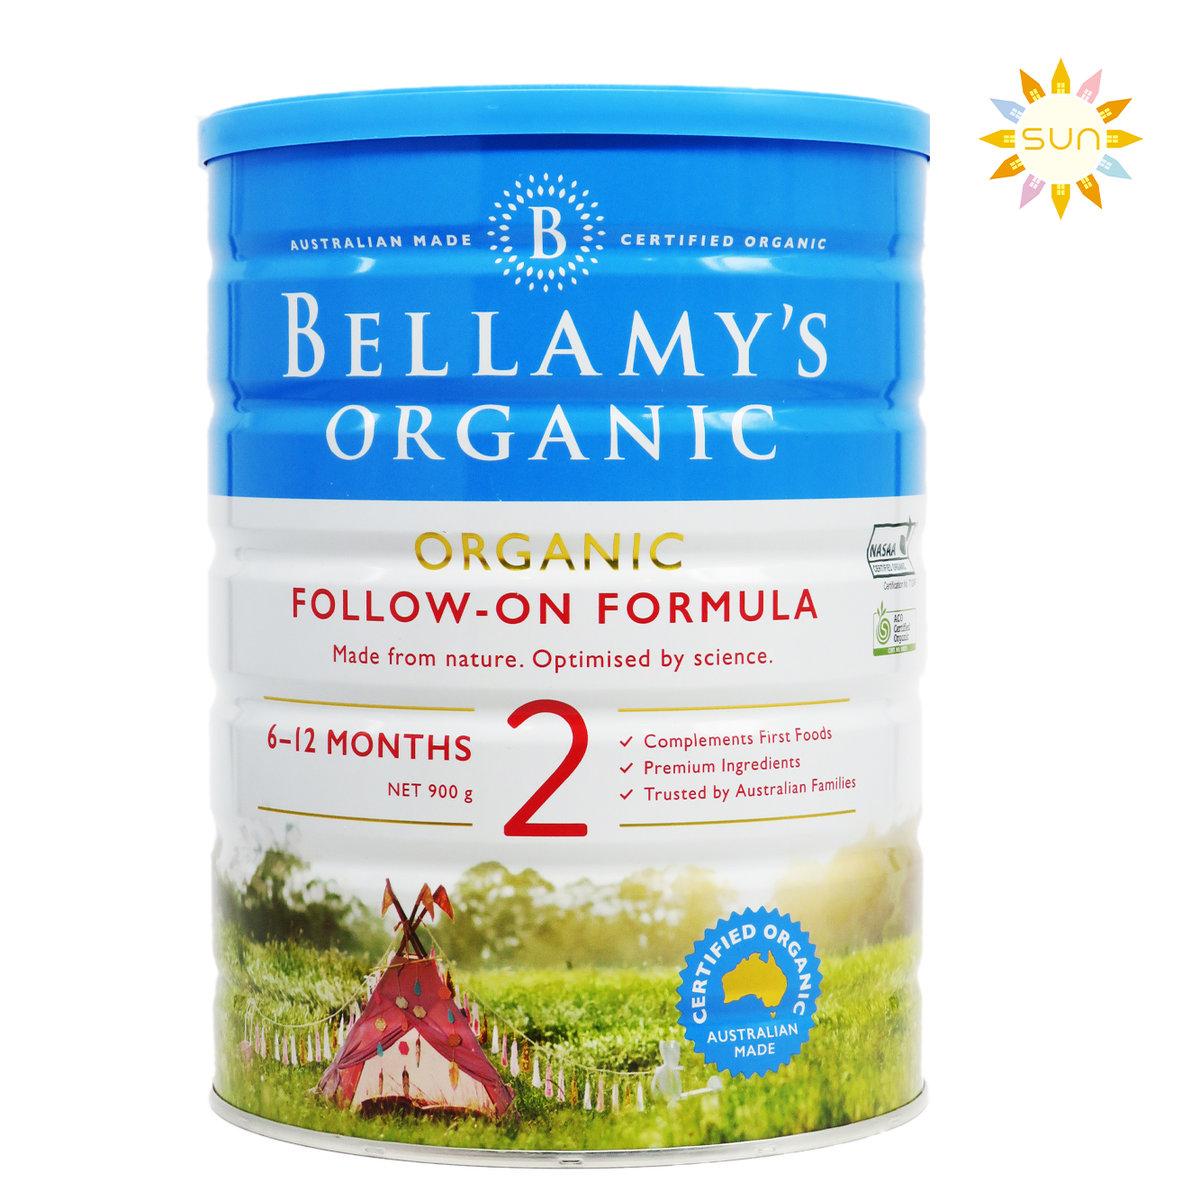 Organic Milk Powder Step 2 Follow On Formula (6-12 Months)